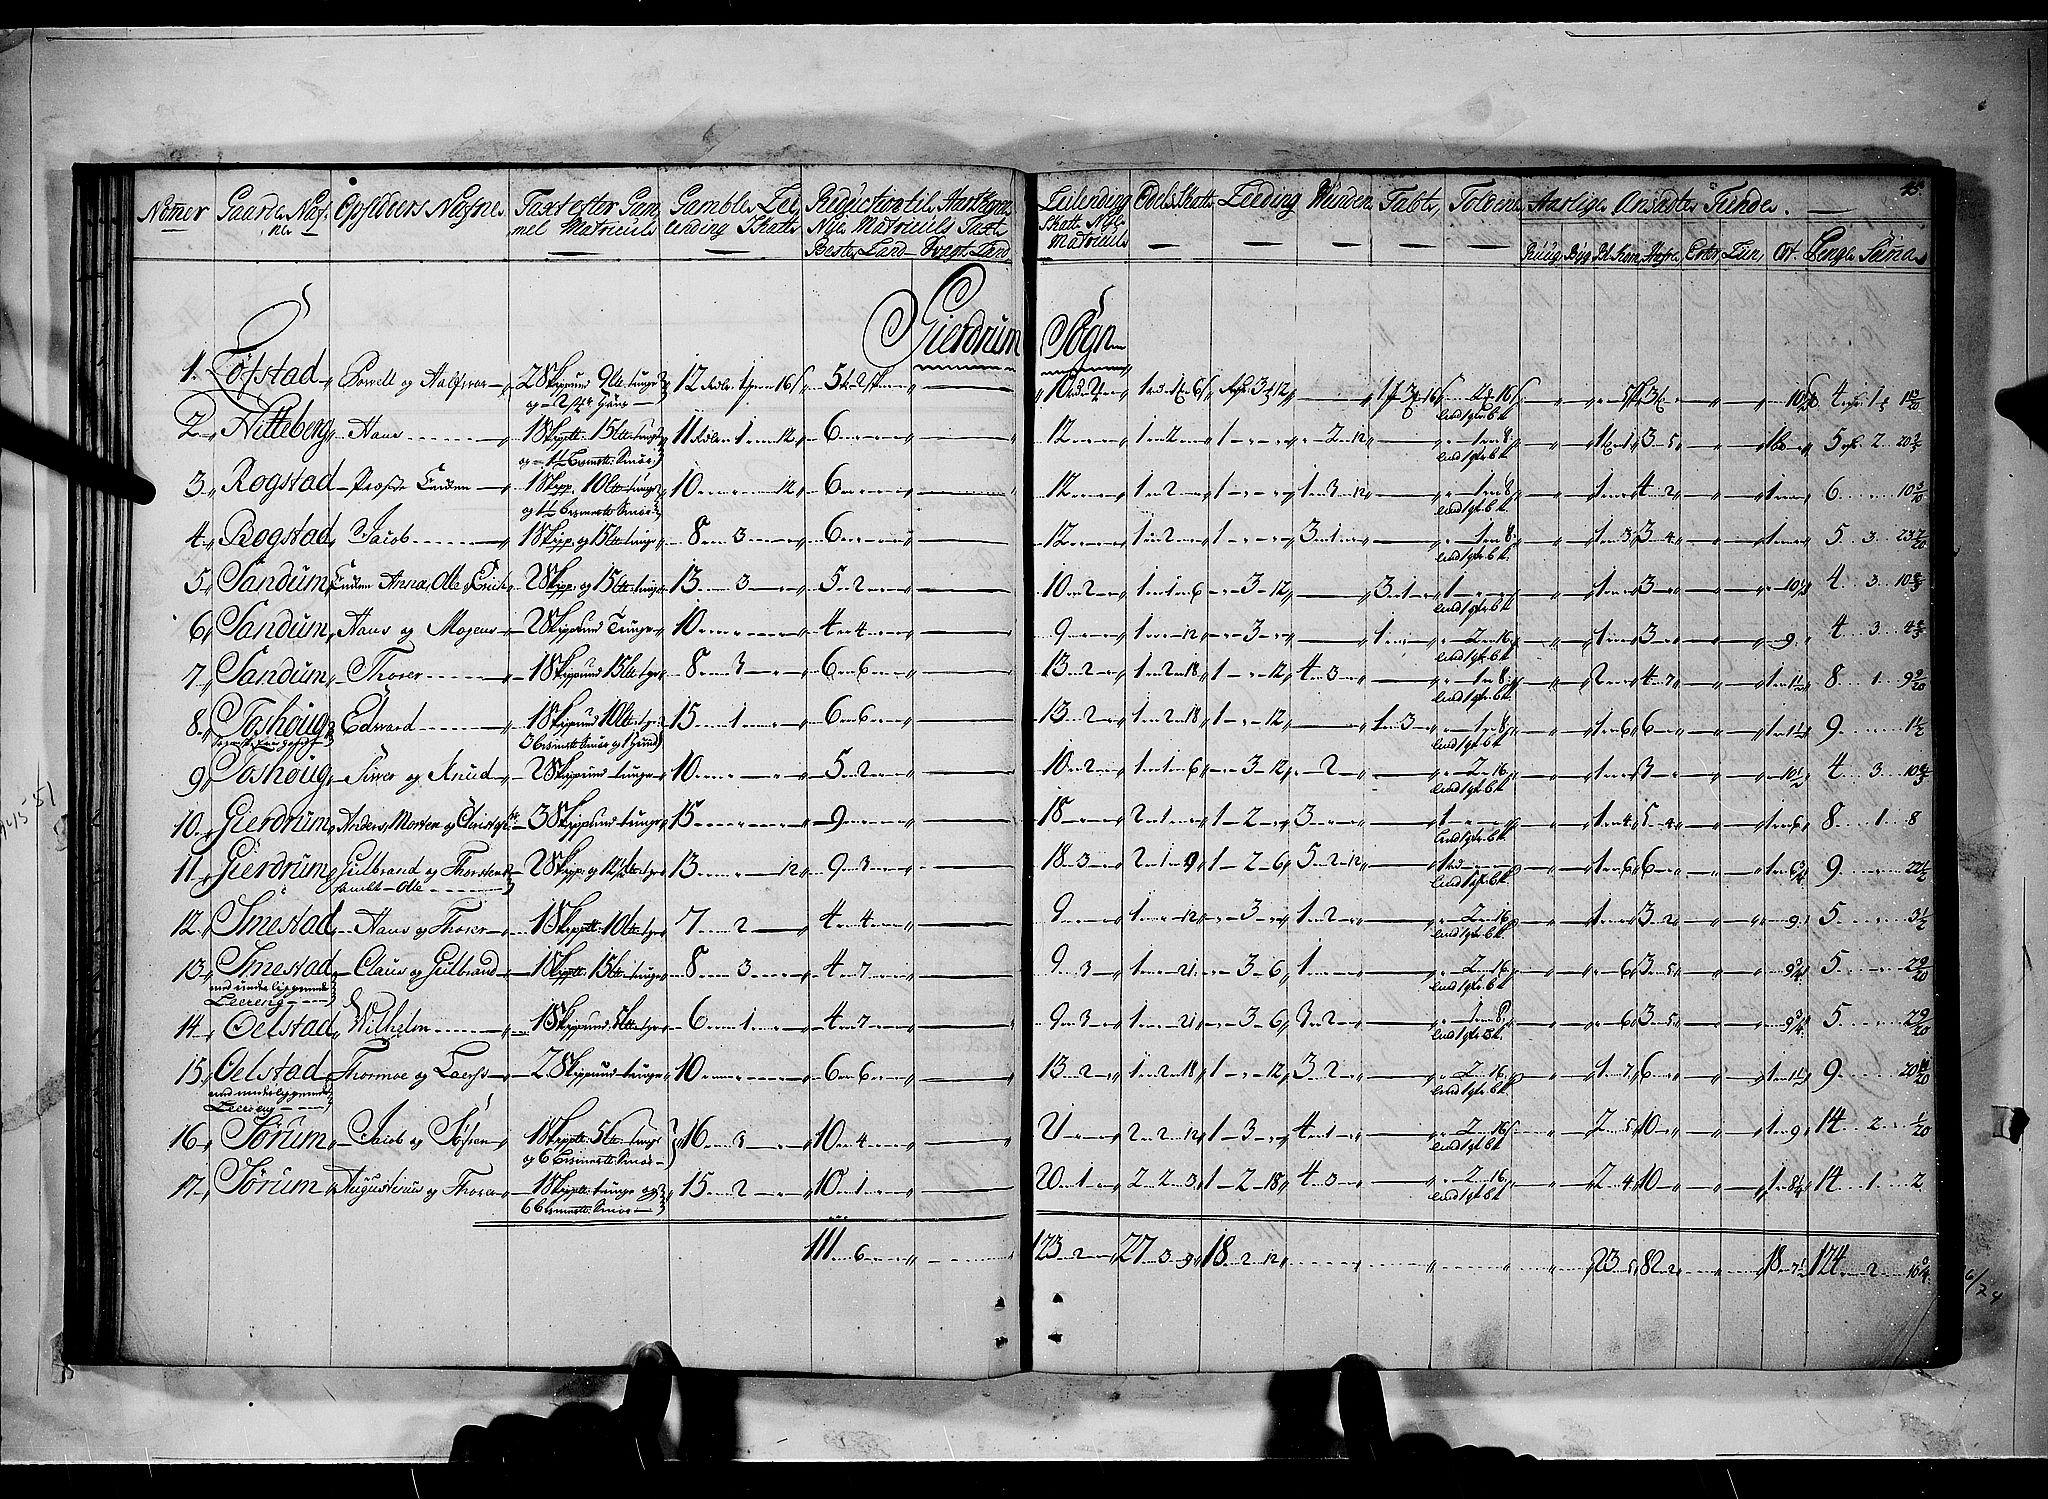 RA, Rentekammeret inntil 1814, Realistisk ordnet avdeling, N/Nb/Nbf/L0094: Øvre Romerike matrikkelprotokoll, 1723, s. 44b-45a